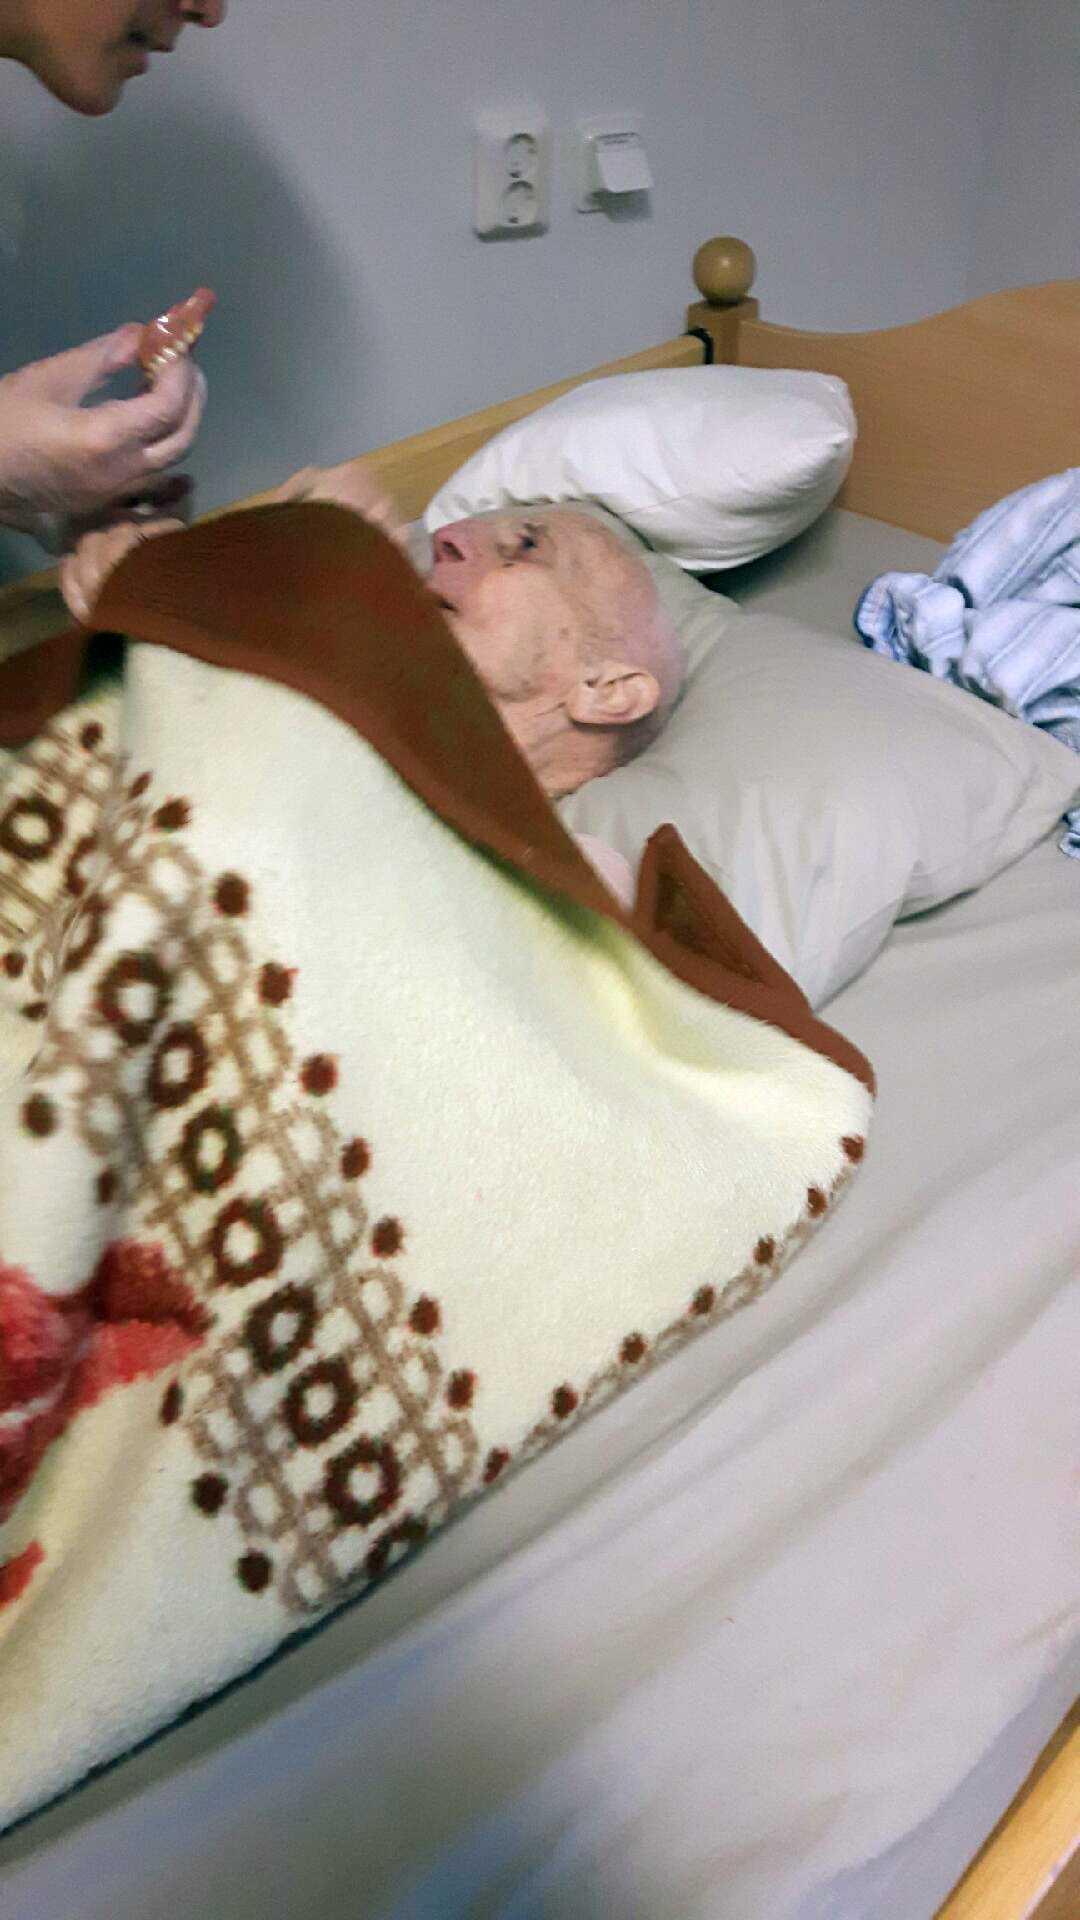 Den 85-åriga mannen blev snabbt sämre på Höjdens äldreboende. Efter tolv dagar på hemmet slog en av han döttrar larm och han förde mes ambulans till sjukhuset, men det var för sent.